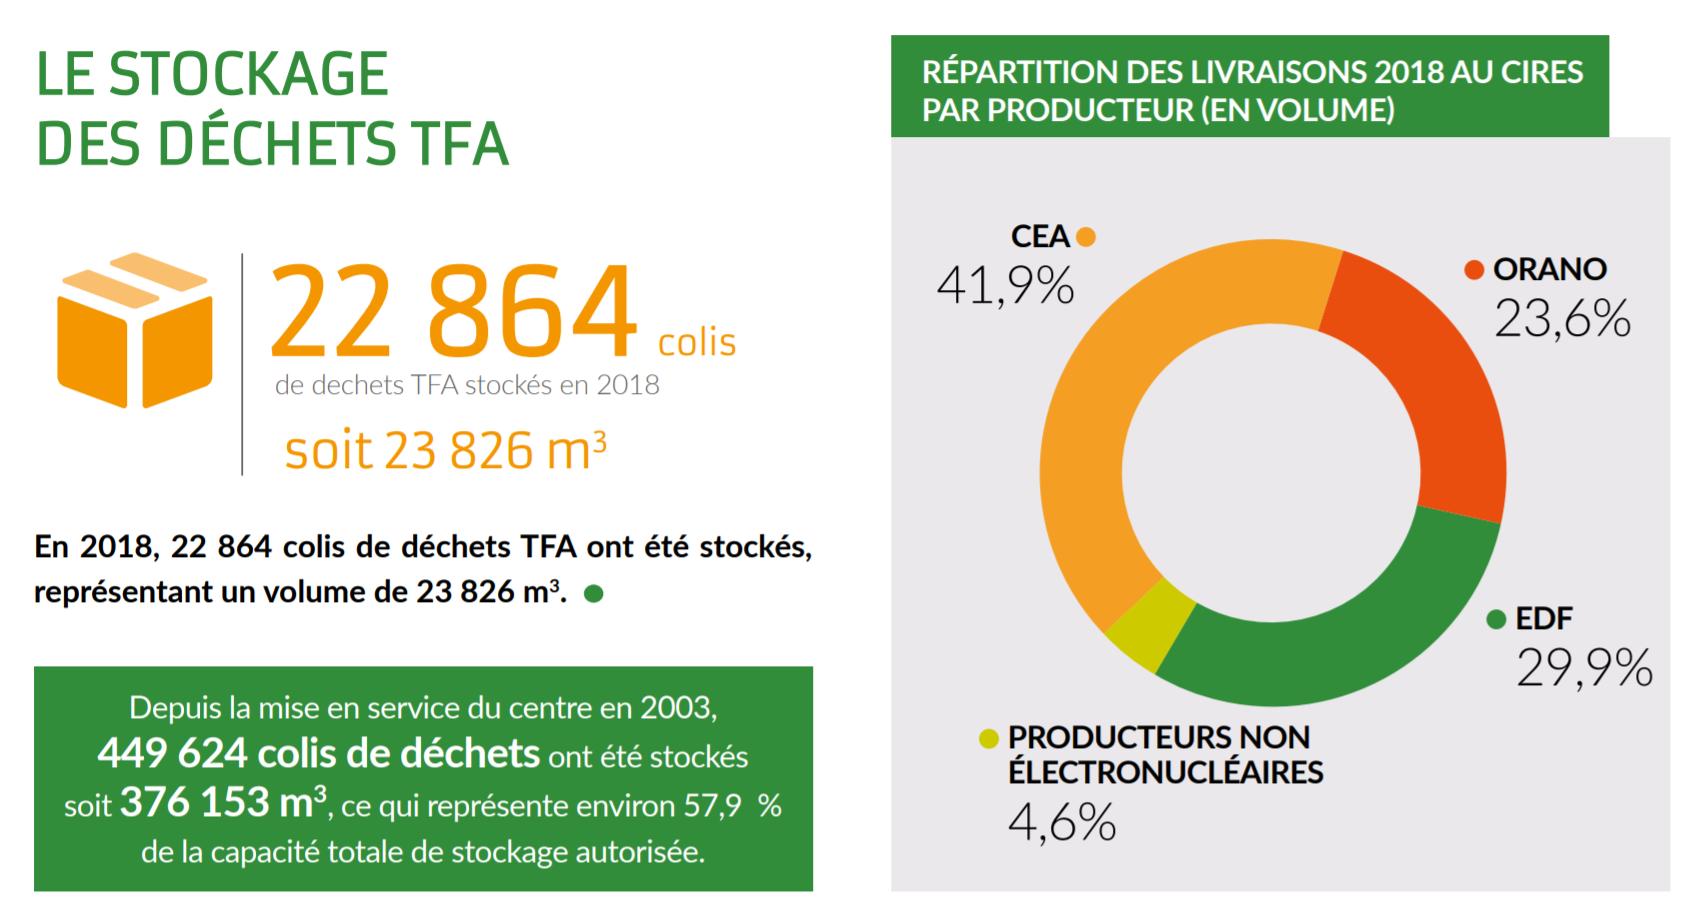 le stockage des déchets radioactifs TFA au CIRES en 2018